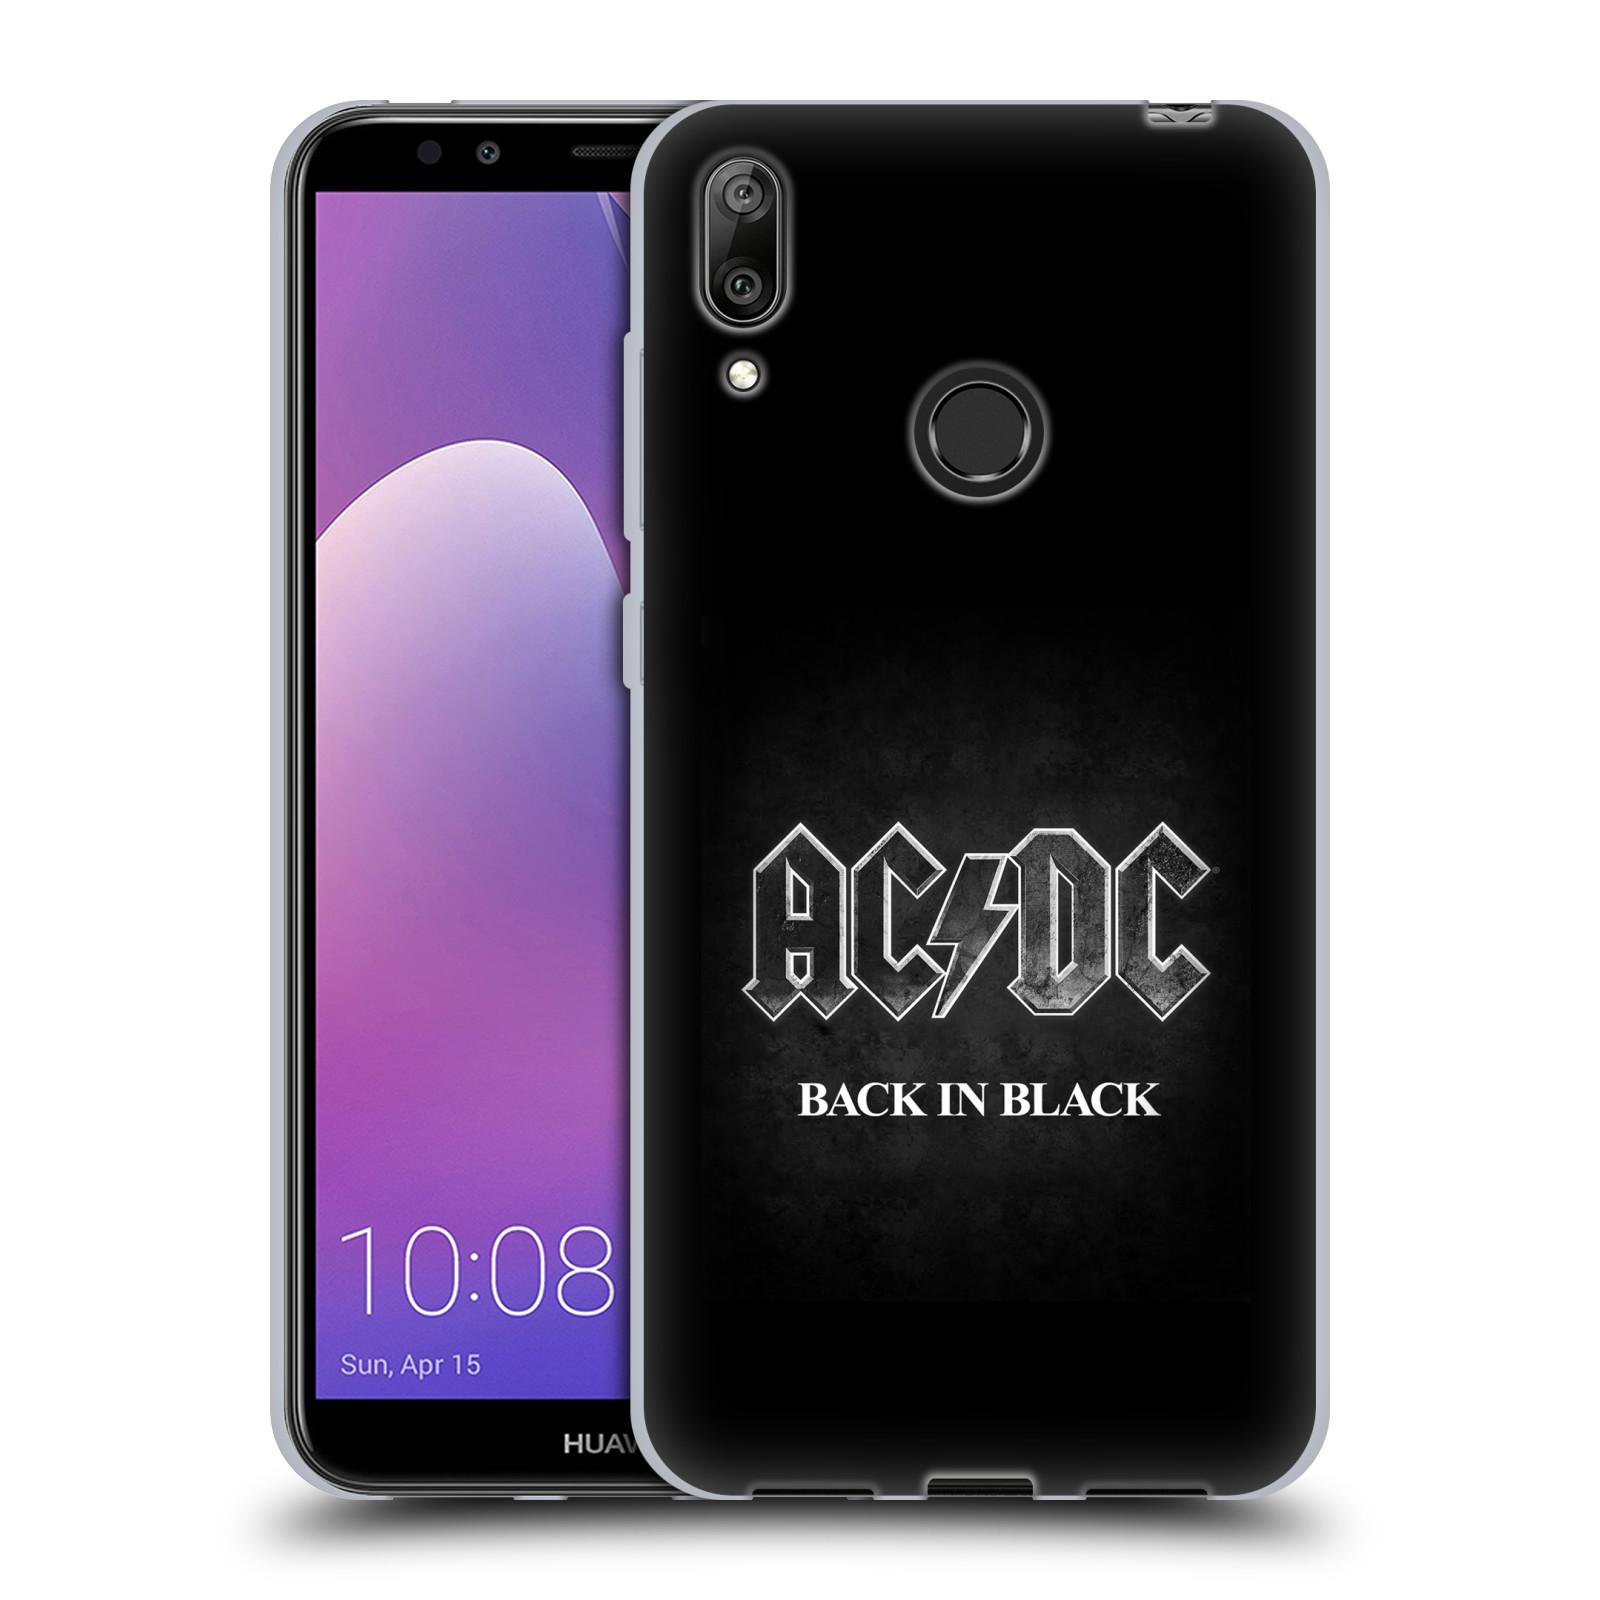 Silikonové pouzdro na mobil Huawei Y7 (2019) - Head Case - AC/DC BACK IN BLACK